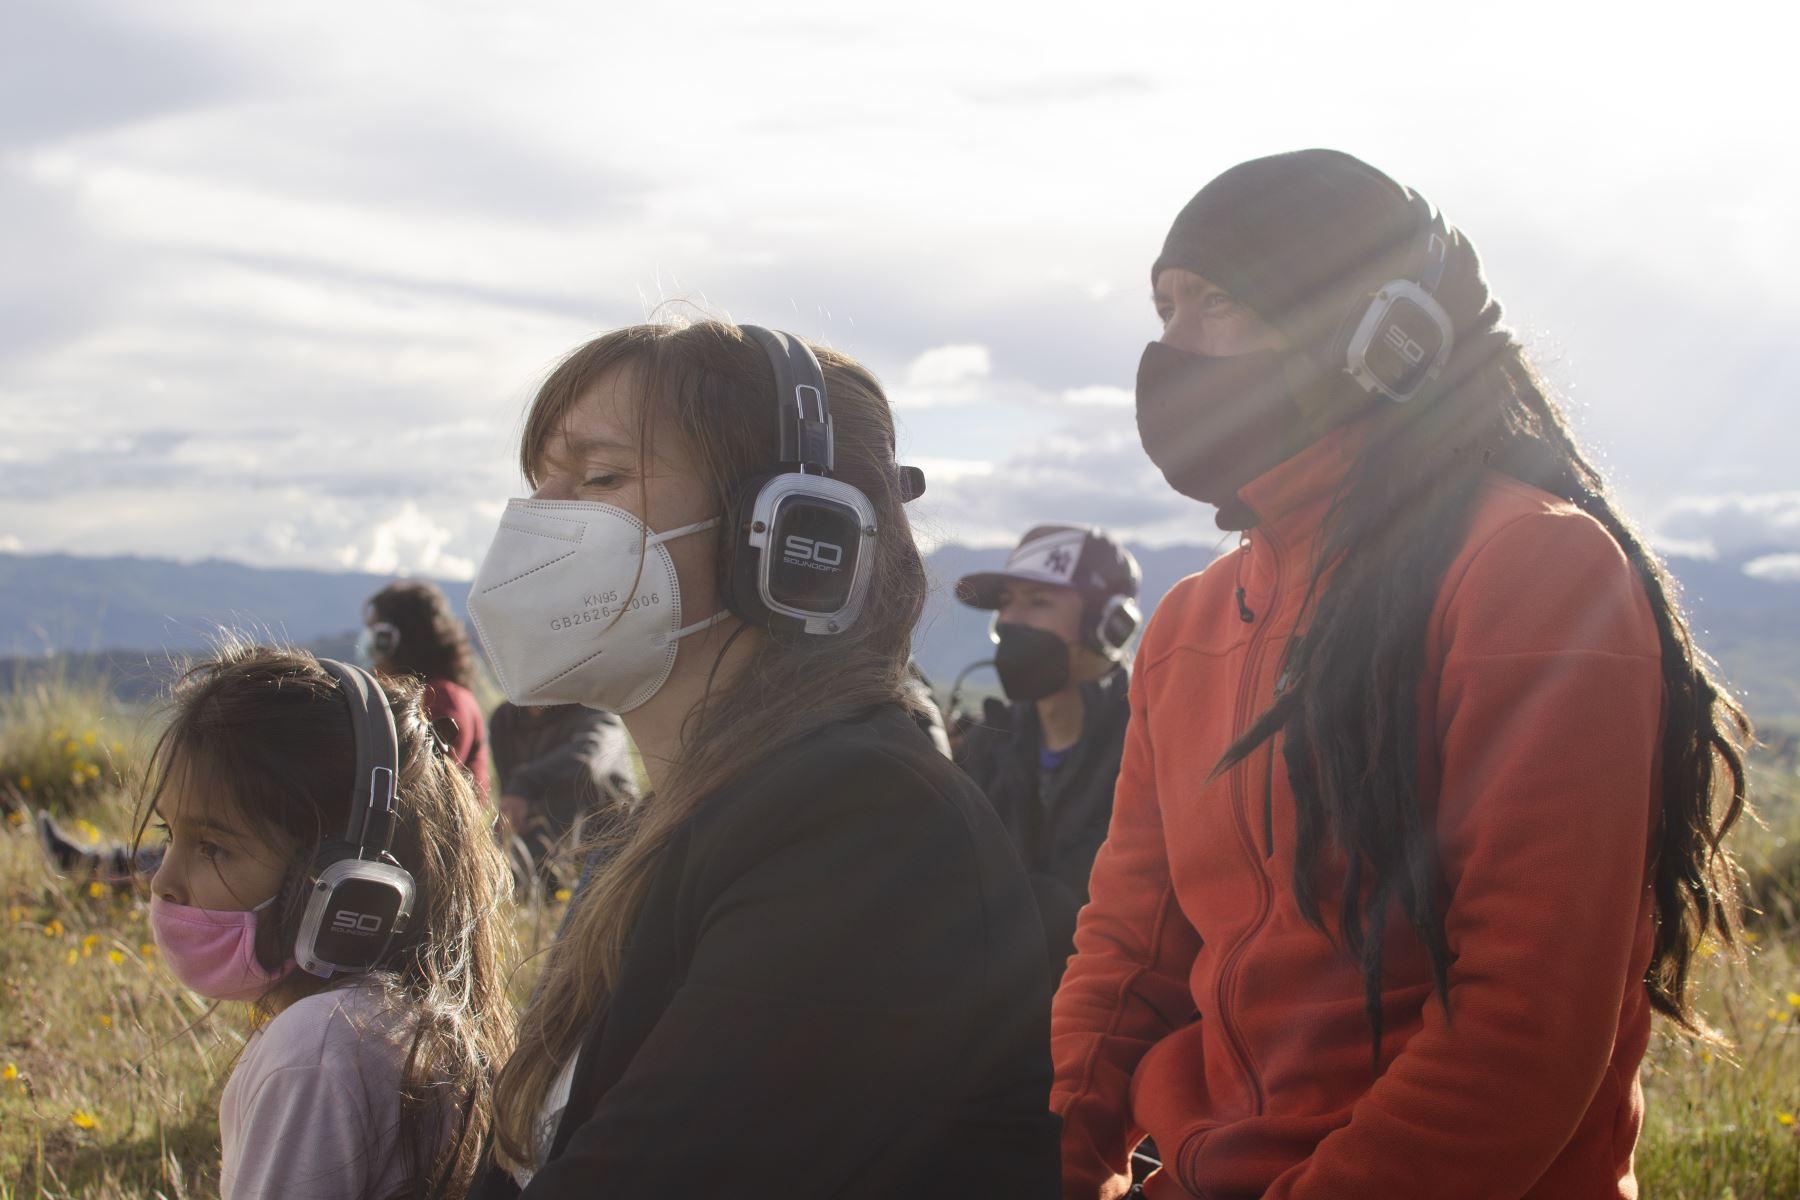 La familia Huamaní Le Roux experimenta por primera vez el sonido 8D a través de auriculares durante el concierto silencioso de Tayta Bird en las alturas de Chinchero. Foto: Sharon Castellanos, con el apoyo del Fondo de emergencia COVID-19 de The National Geographic Society